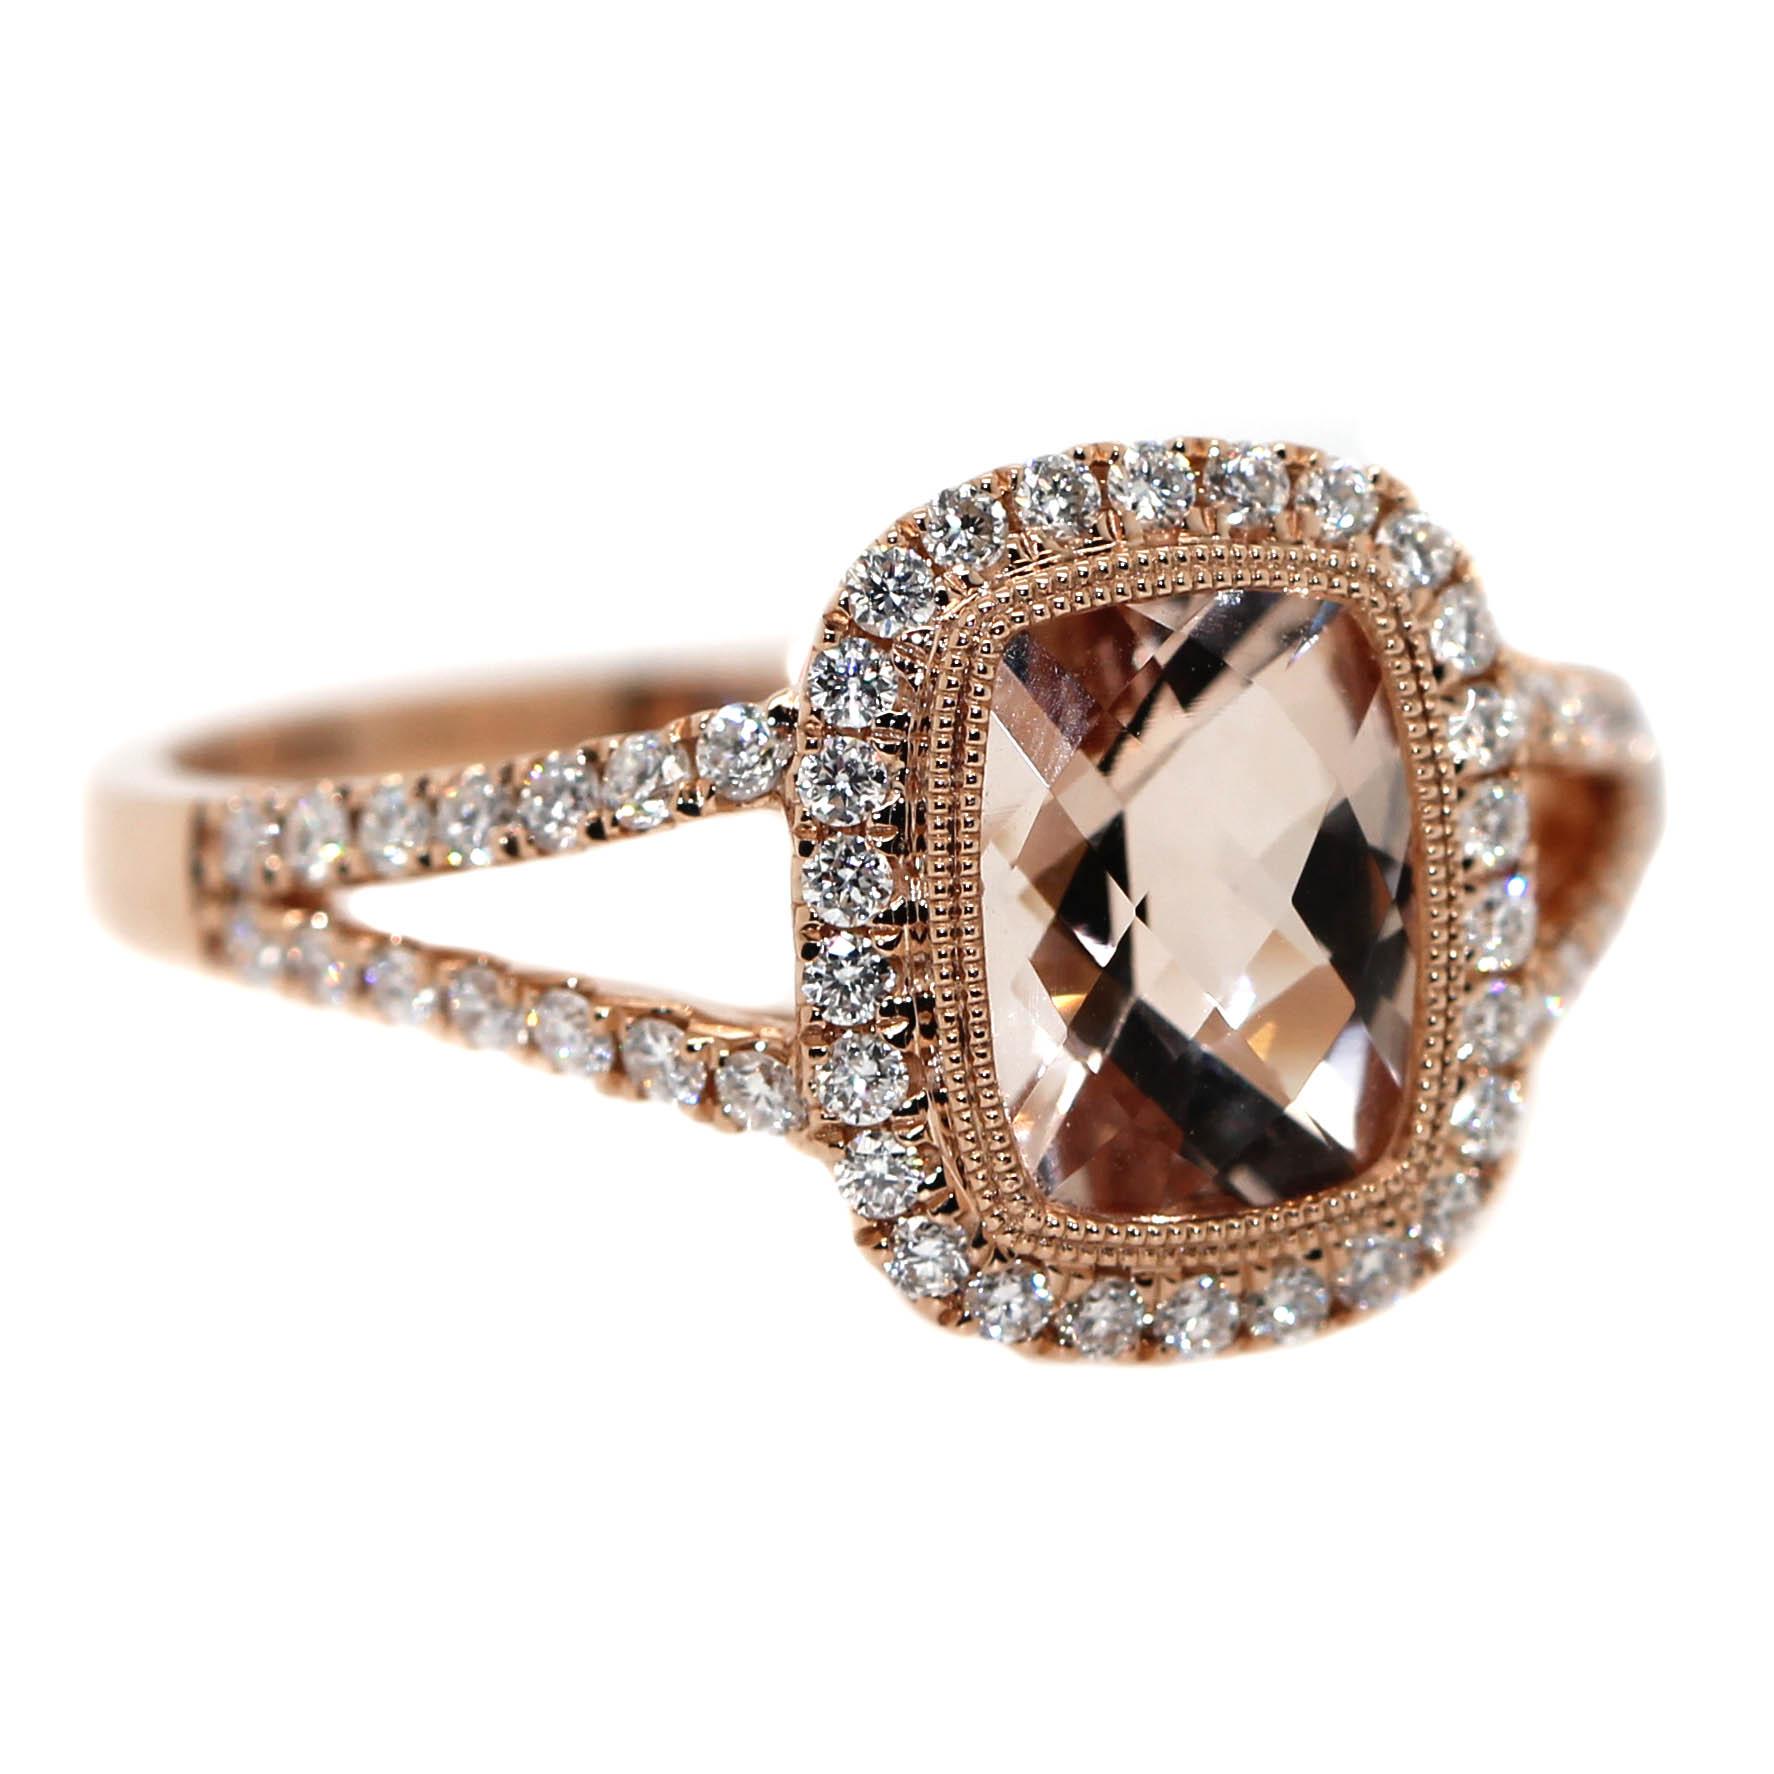 9ct Rose Gold, 1.22ct Morganite & 40 Diamonds equaling .37ct.